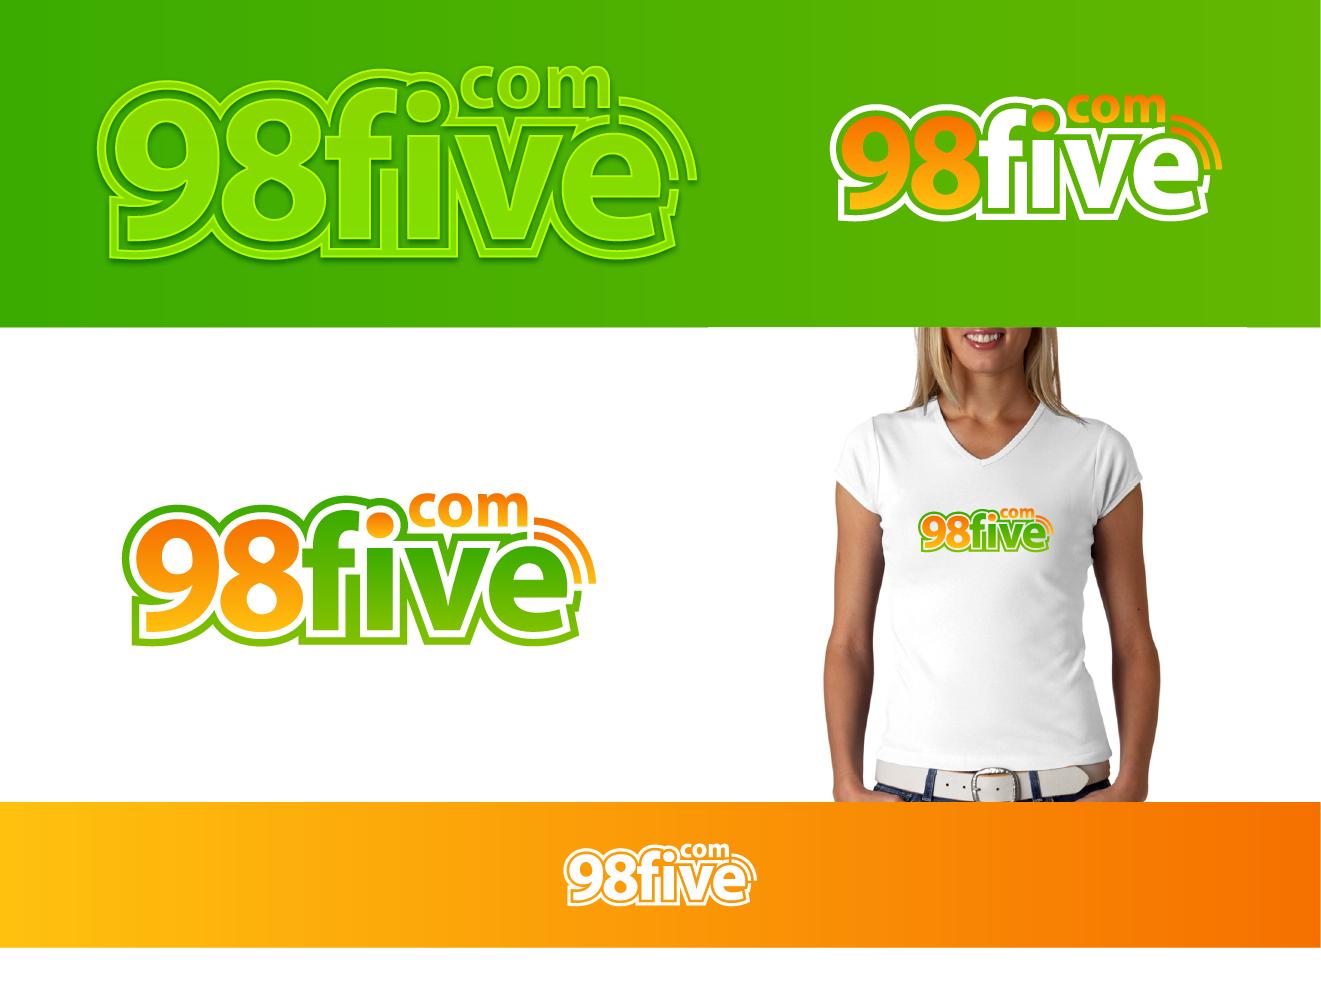 Create the next logo for 98five.com